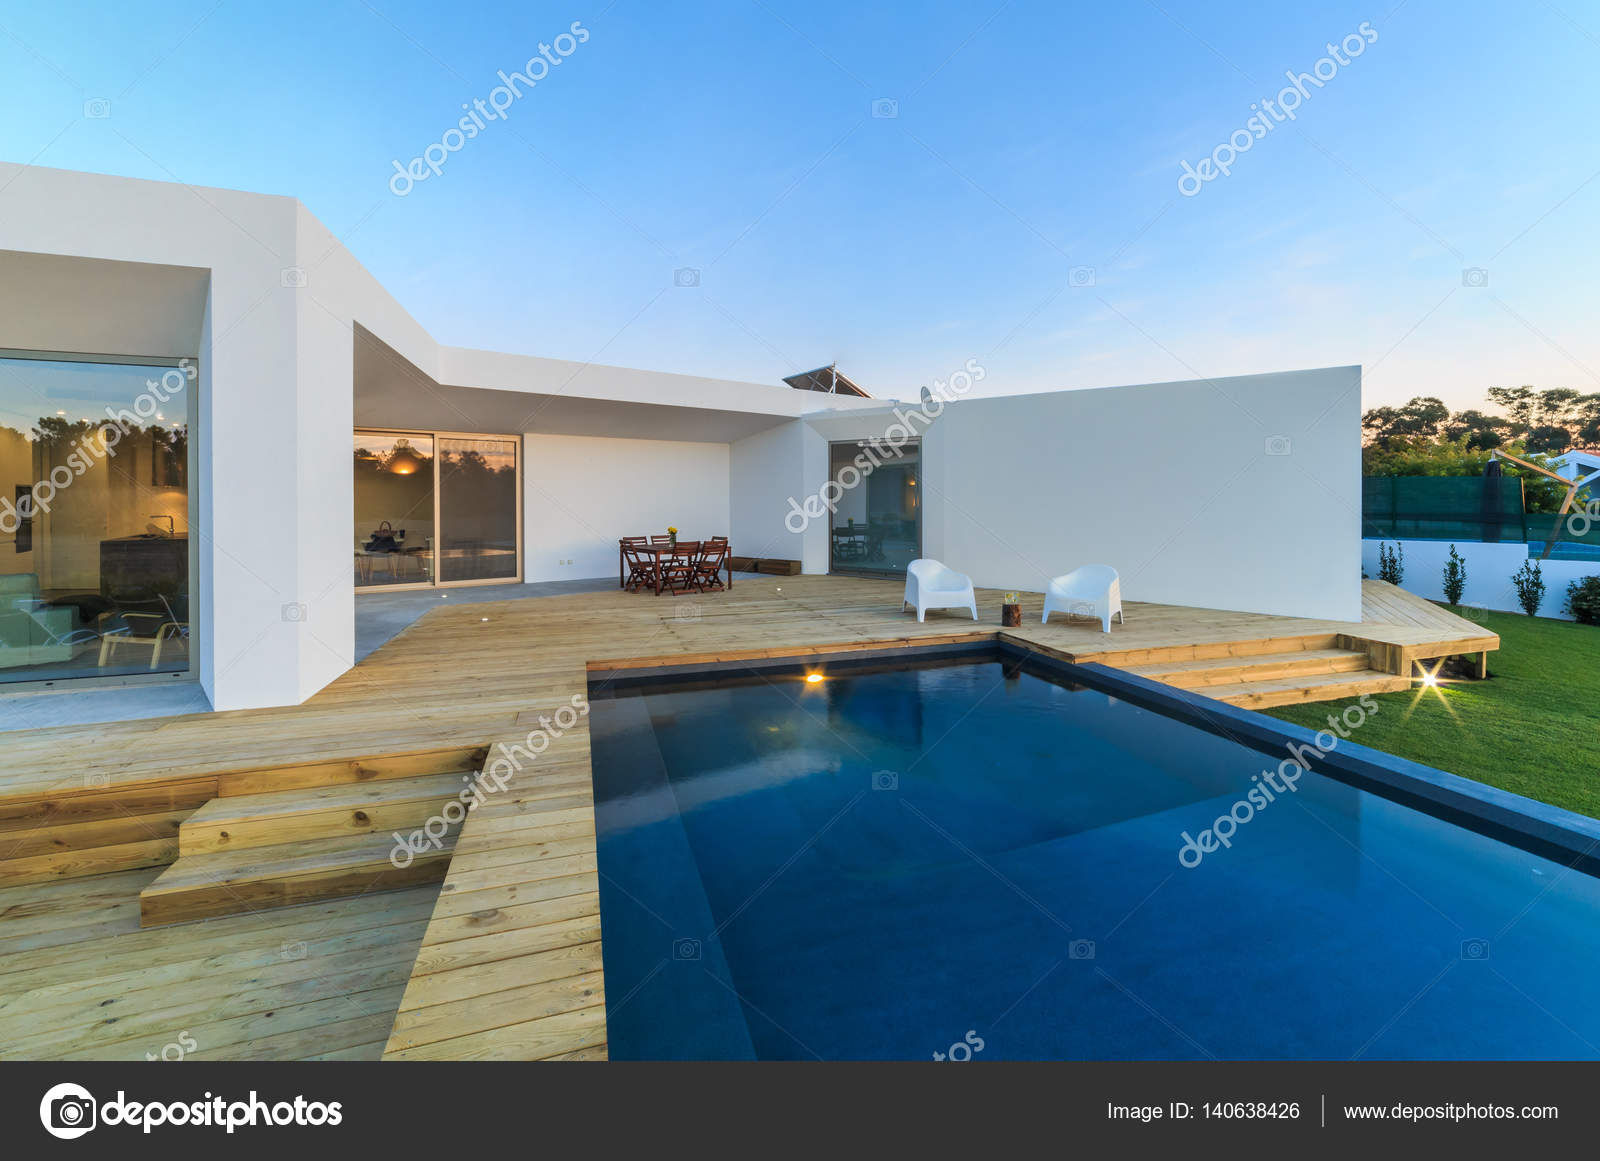 Maison Moderne Avec Jardin Piscine Et Terrasse En Bois